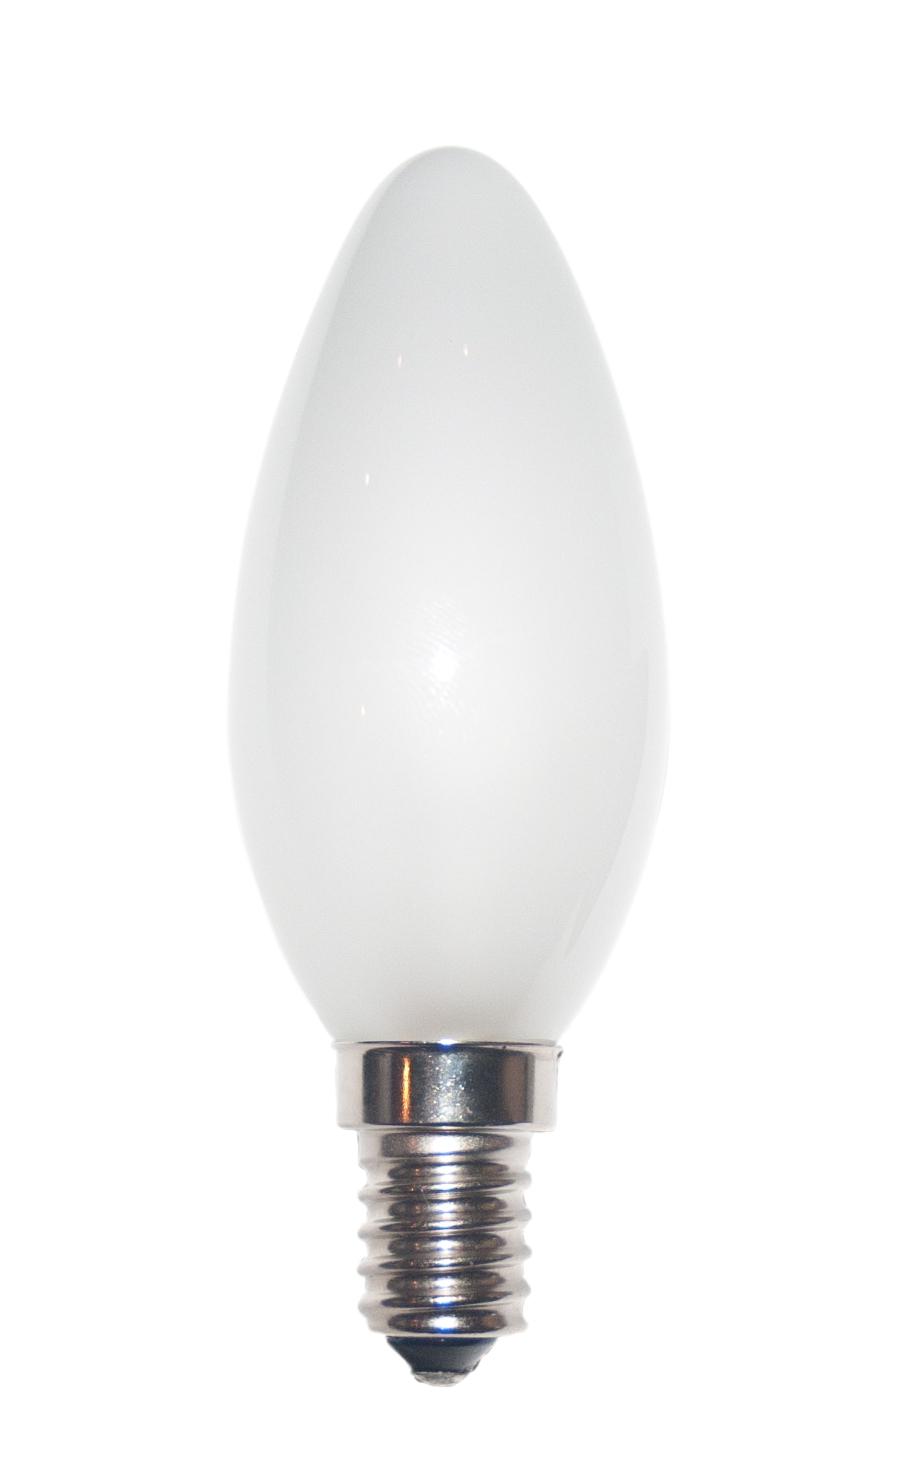 Kerzenlampe C35x100 230V 60W E-14 matt (RC) (EEK: E)